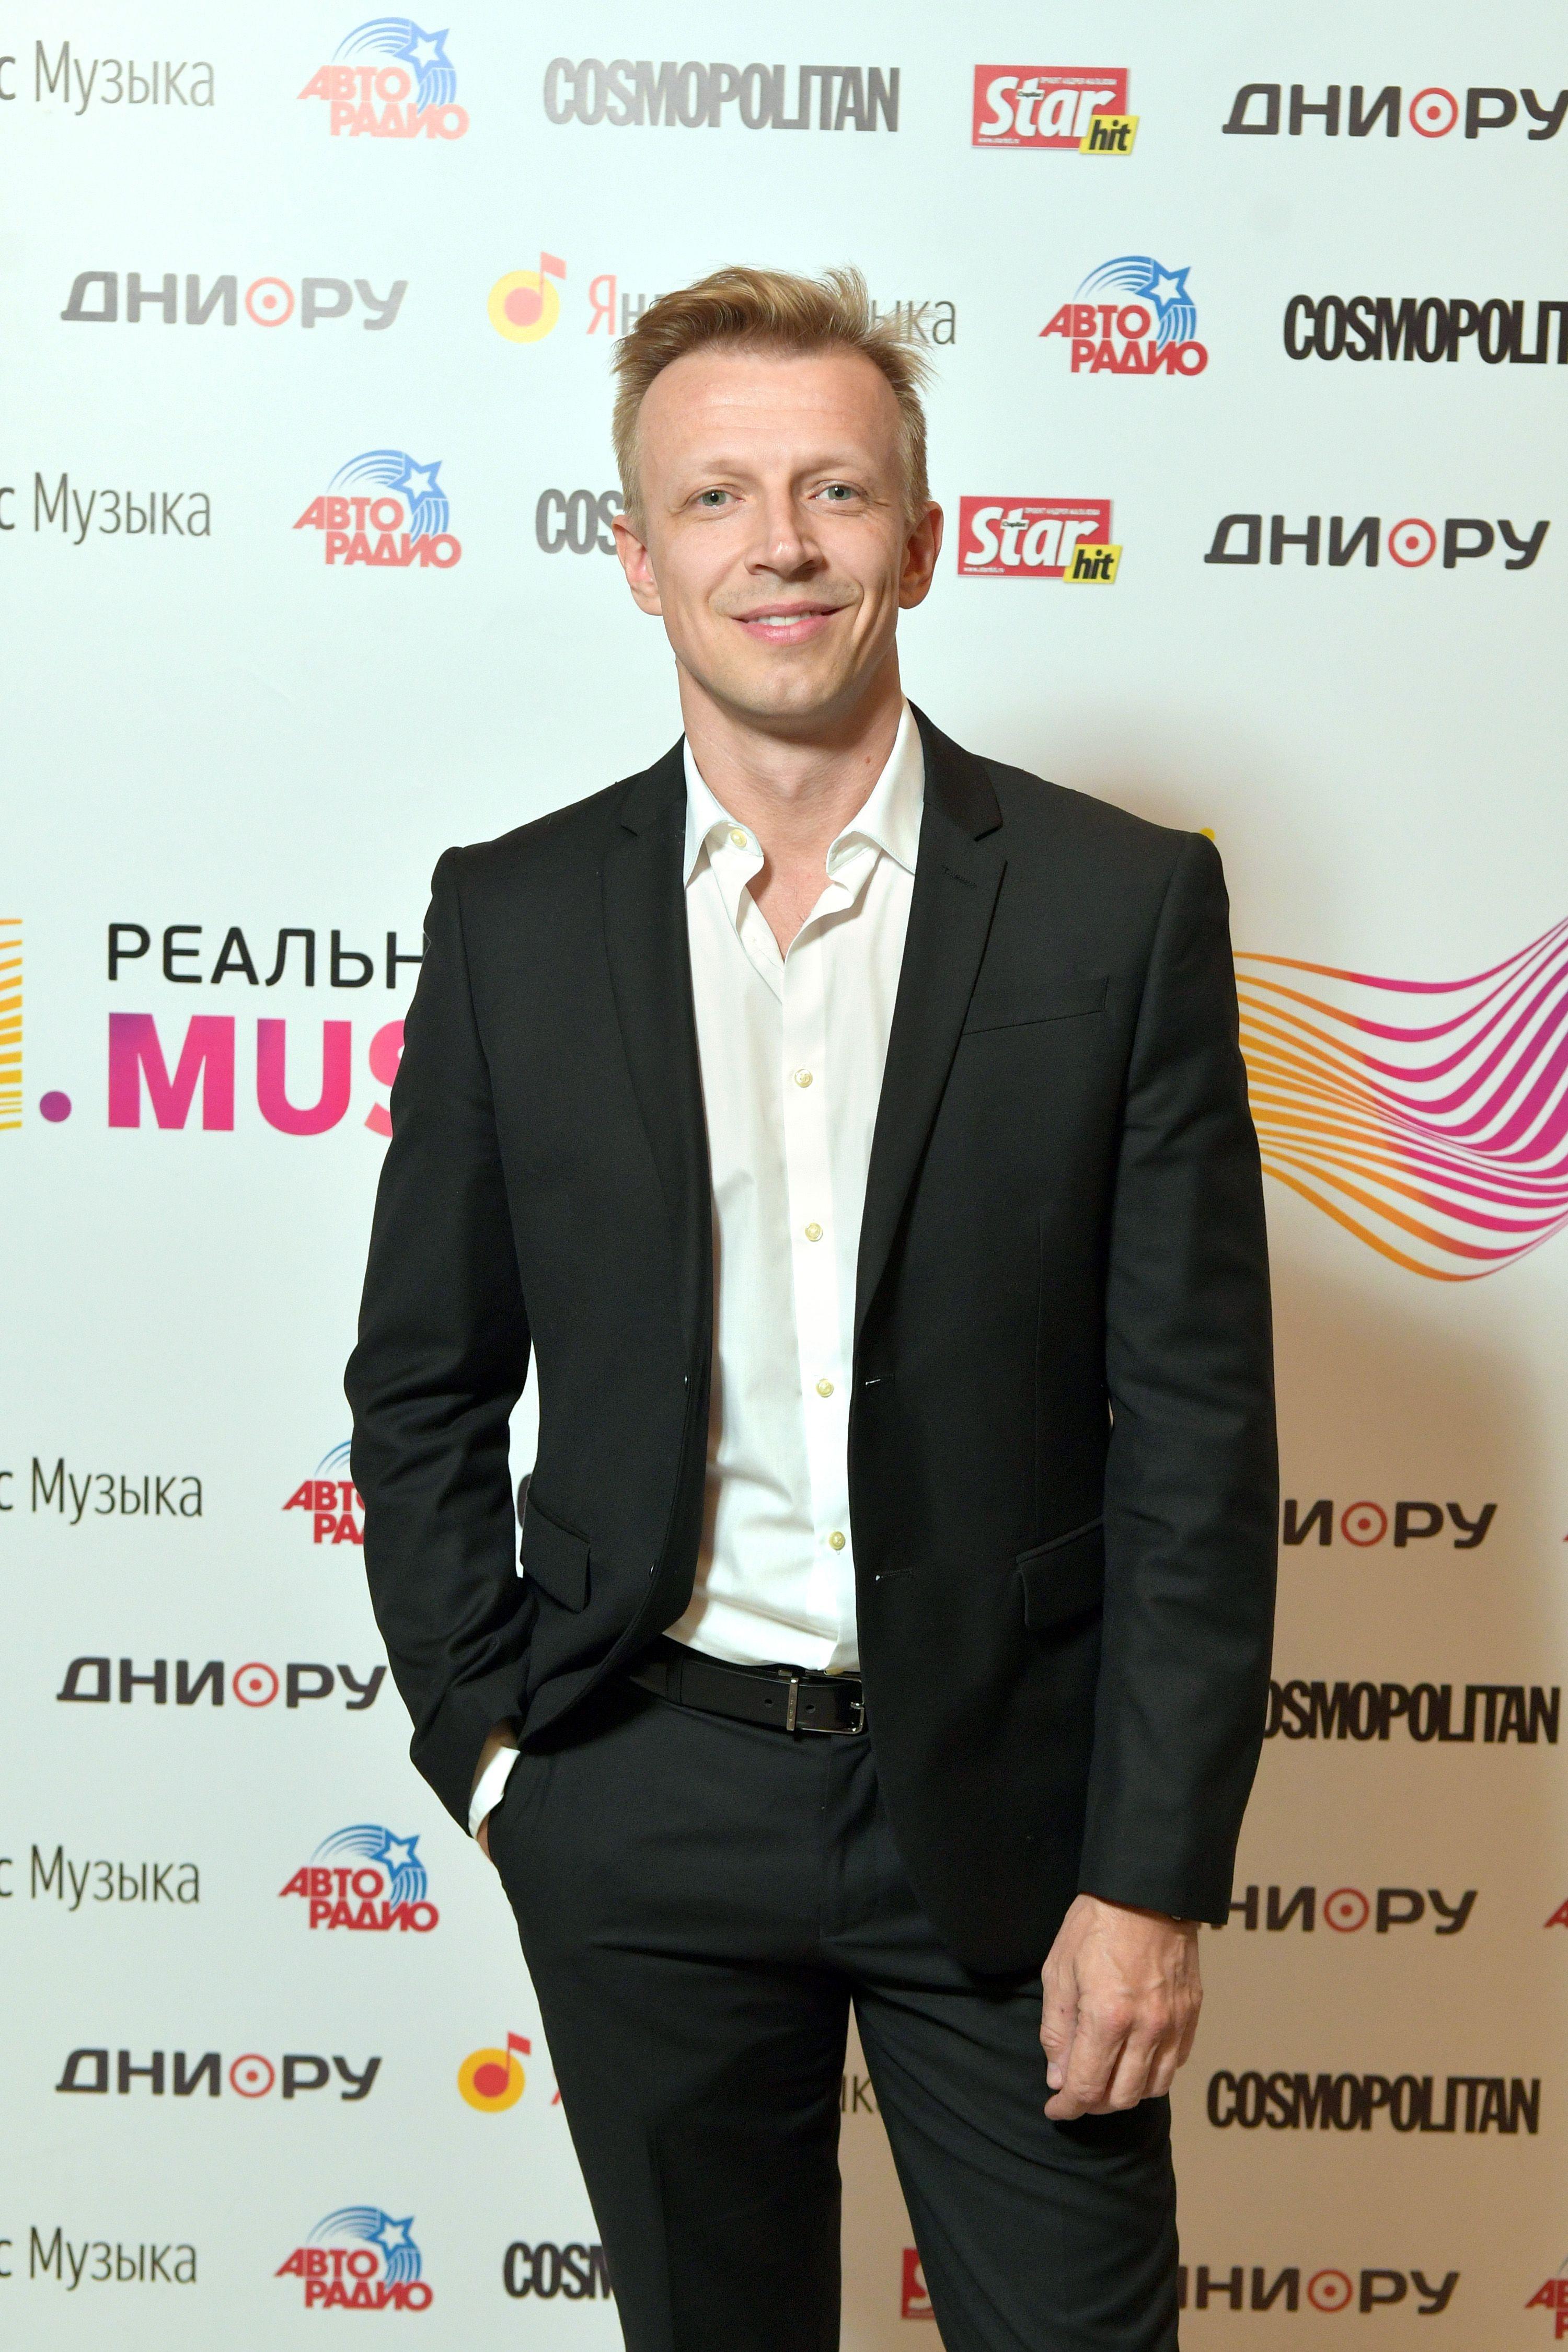 30 сентября 2018 года. Антон Комолов на VI Реальной премии MusicBox 2018. Фото: PERSONASTARS